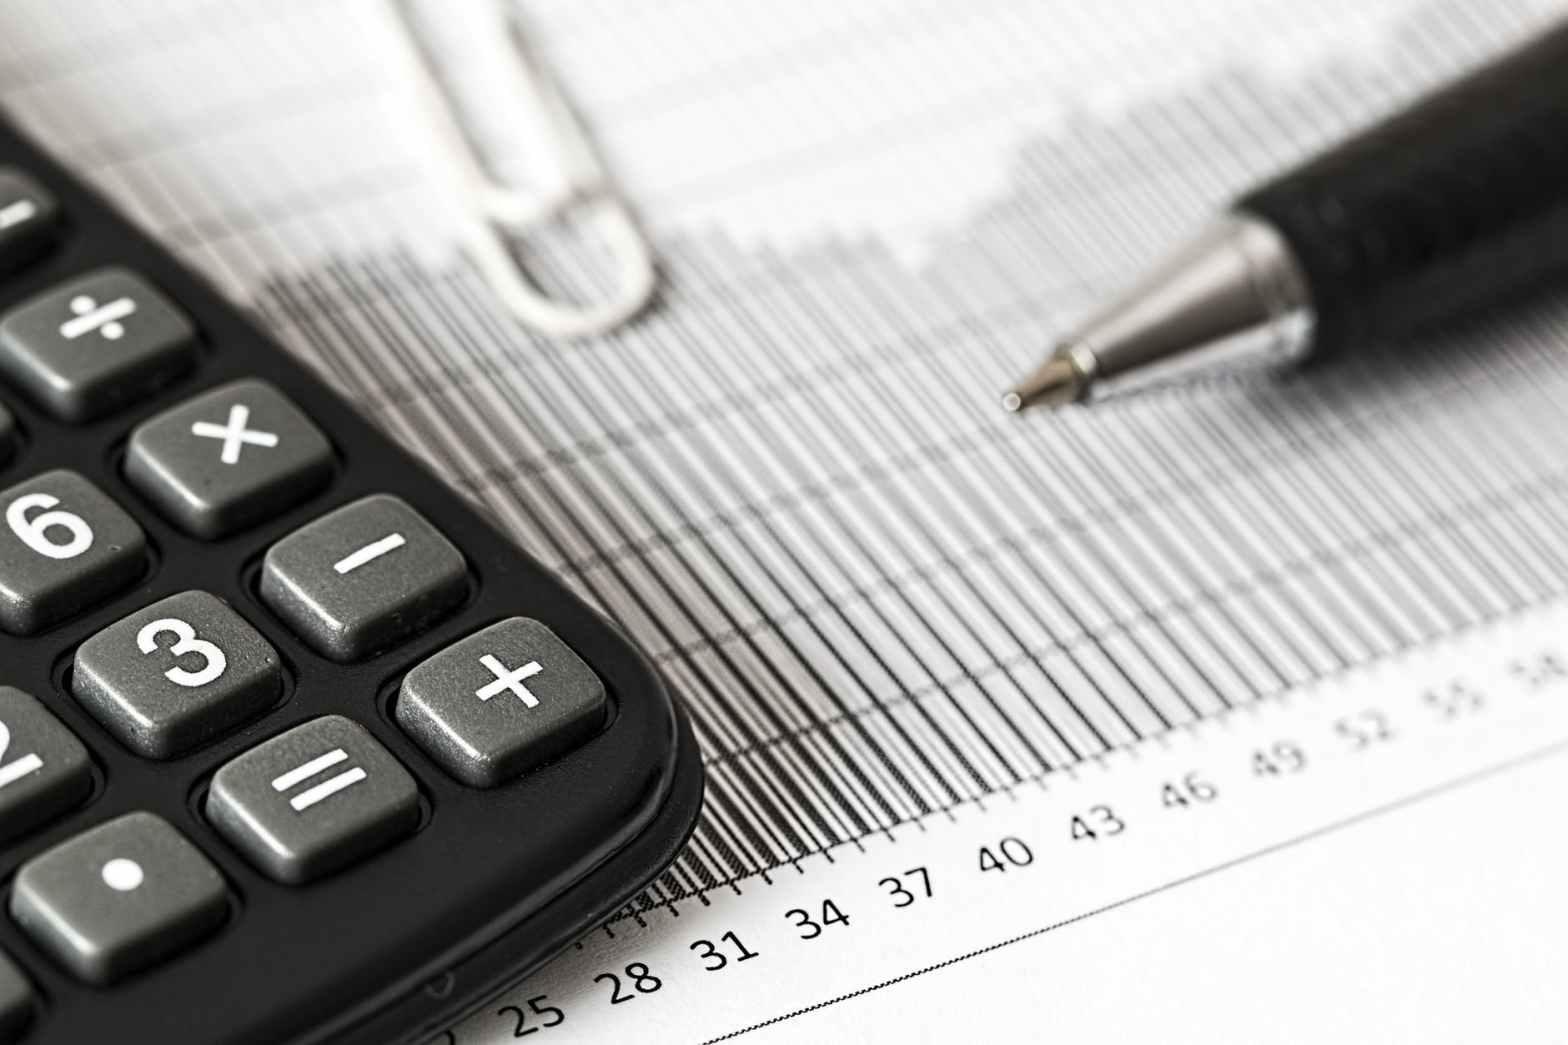 Artigiani e commercianti possono richiedere la riduzione dei contributi previdenziali se operano in regime forfetario